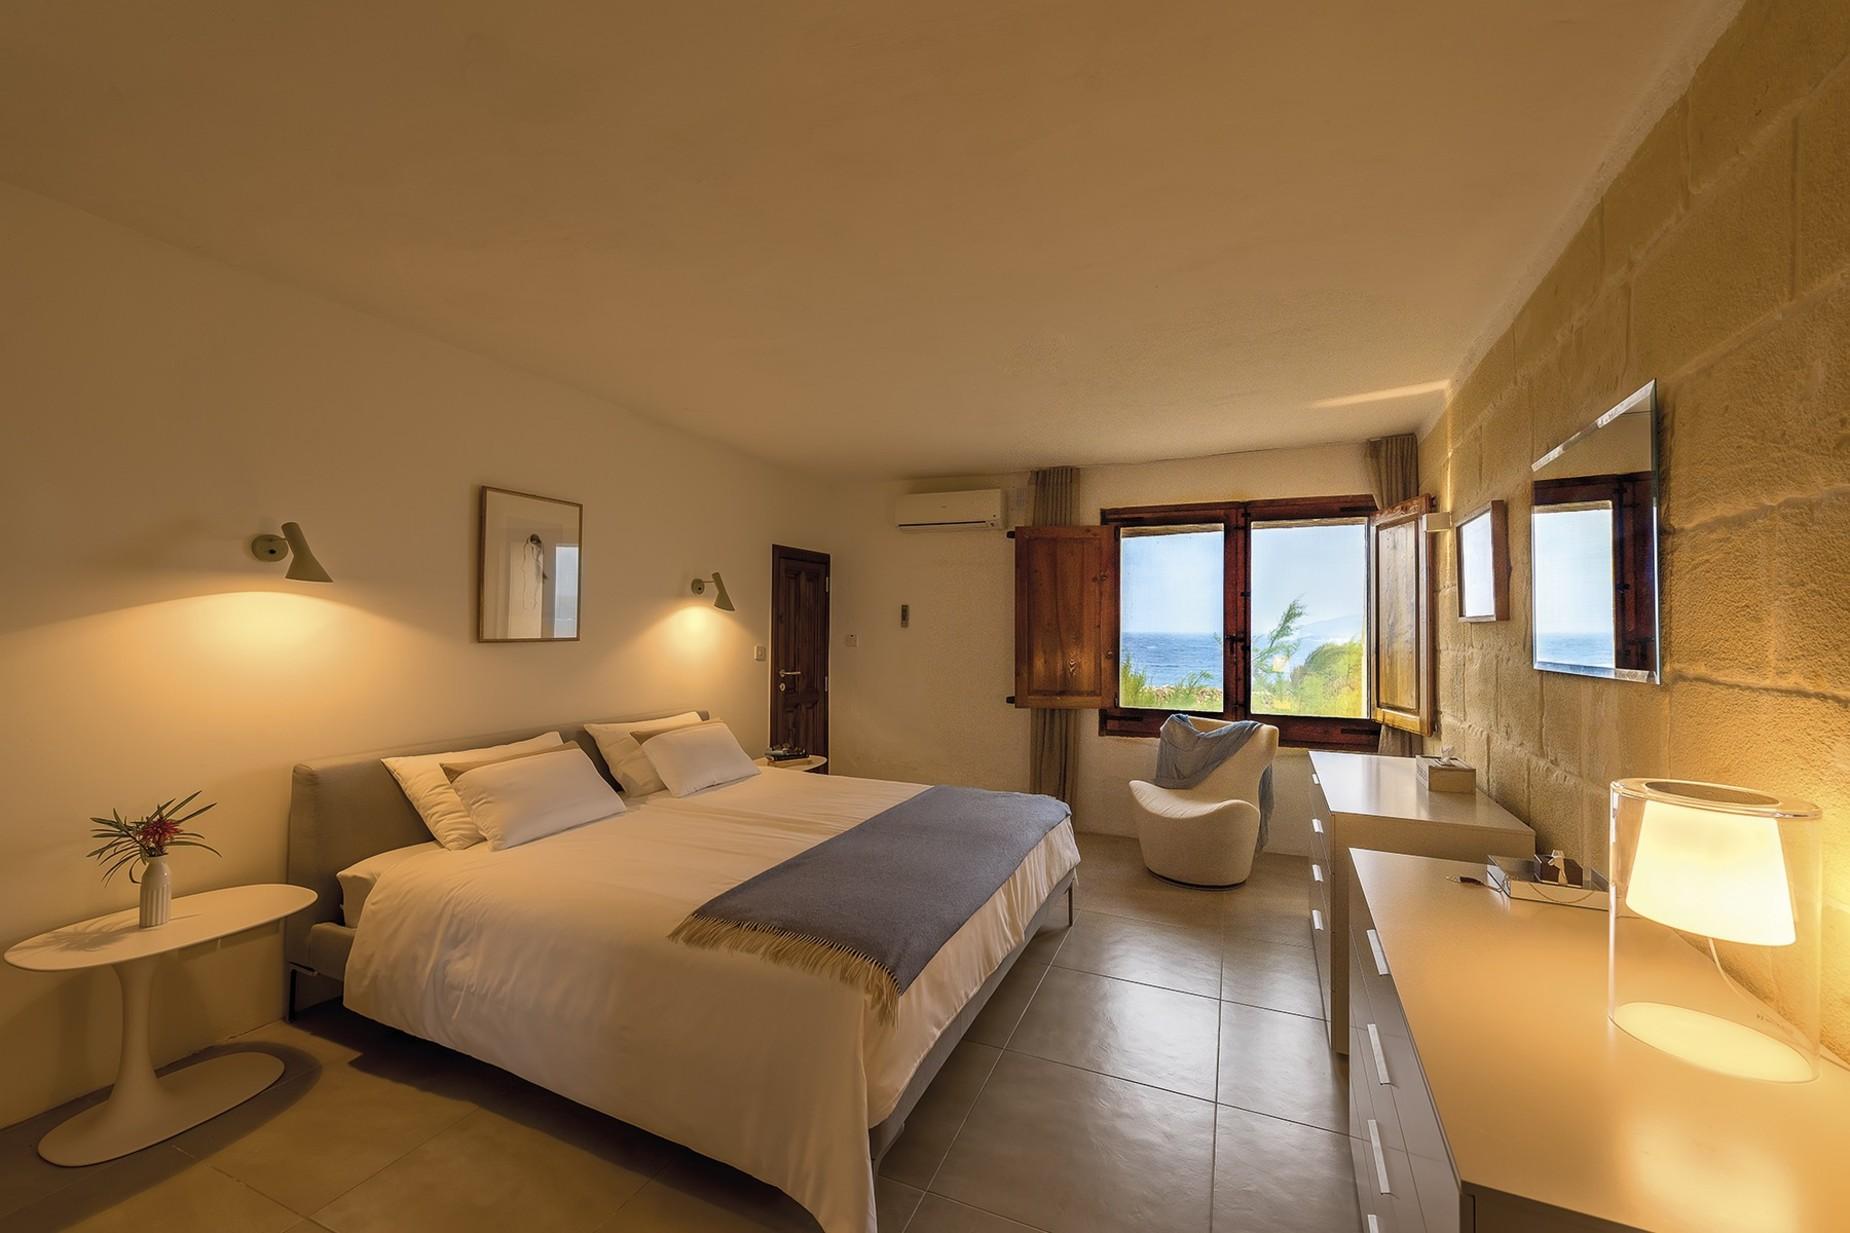 6 bed Villa For Rent in Qala, Qala - thumb 11